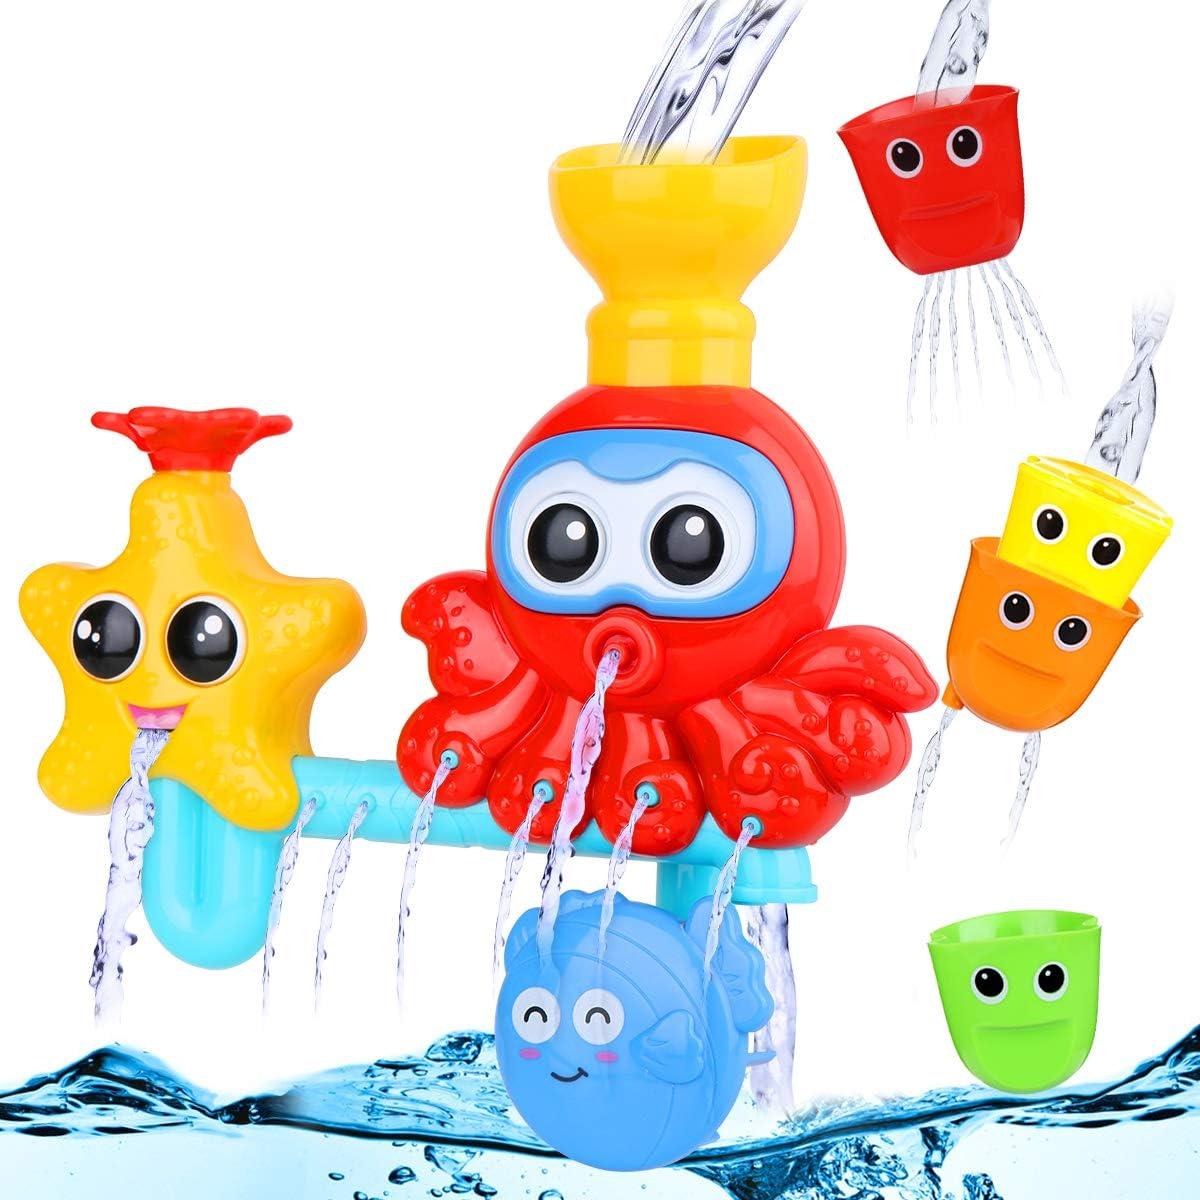 Lehoo Castle Badespielzeug Baby ab 1 Jahr Badewannenspielzeug mit BAU-Puzzle Autorennbahn 24 St/ück Wasserspielzeug Badespielzeug Kinder 2-in-1 Fischernetz Spielzeug